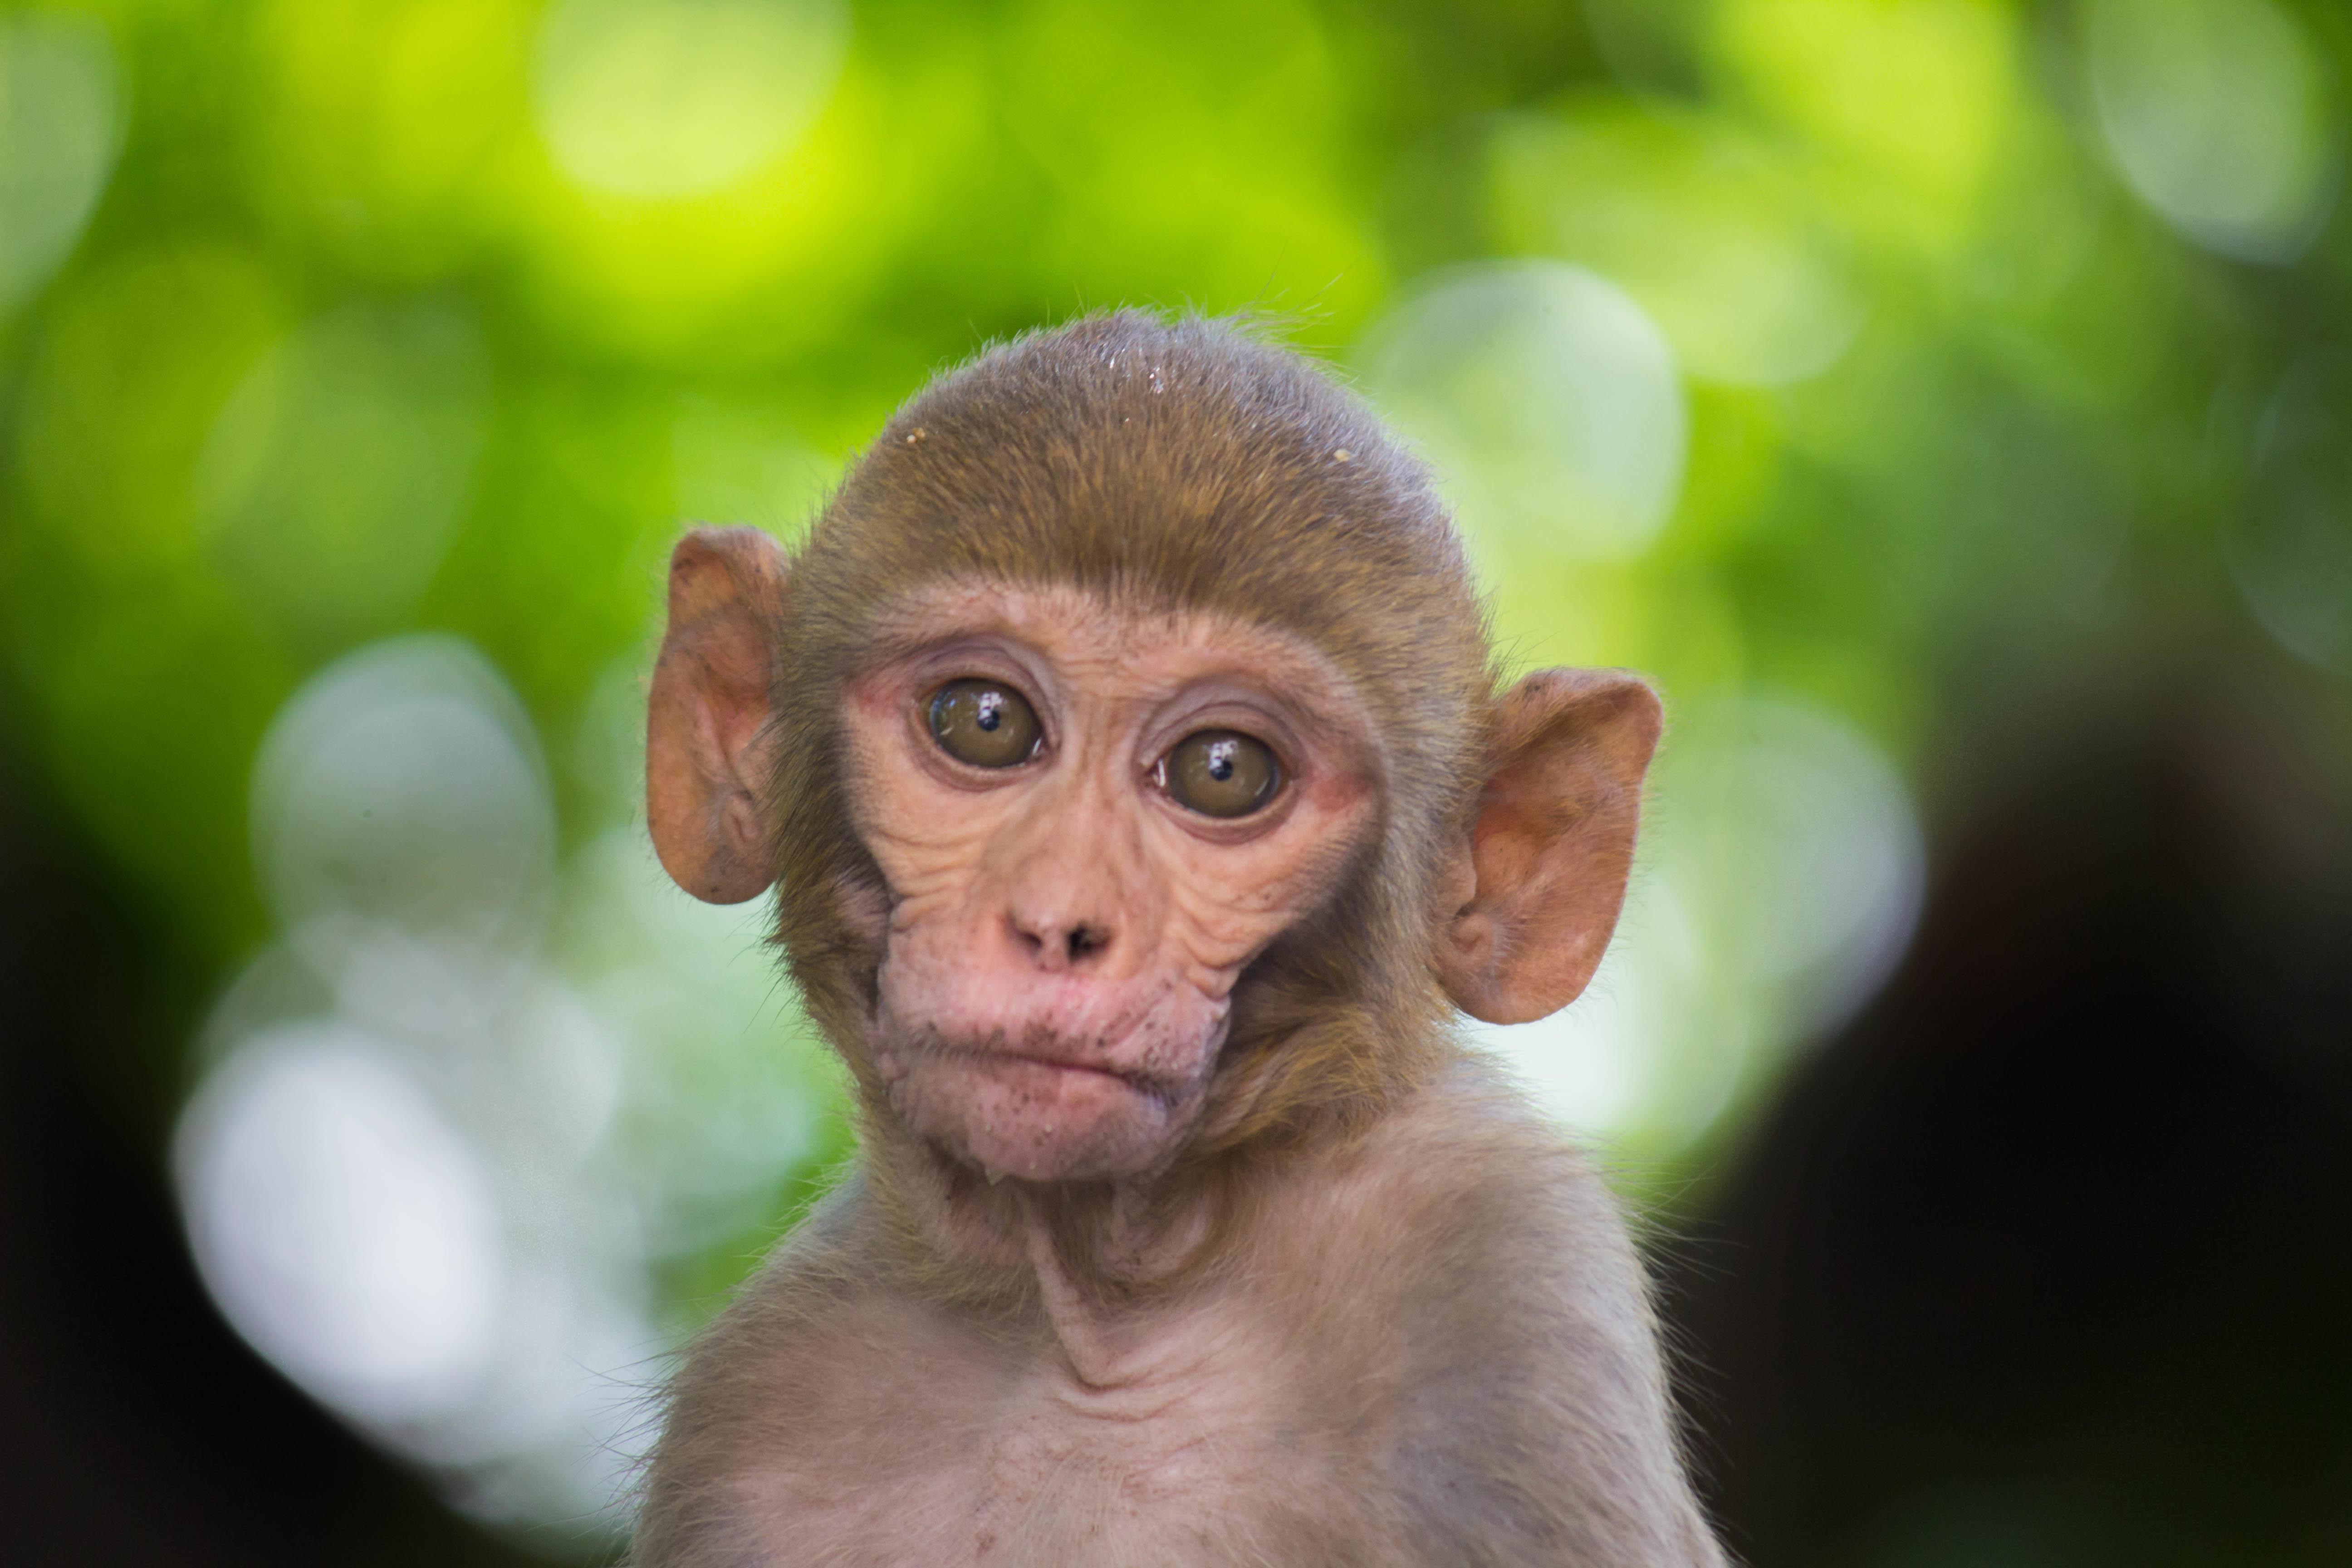 ヒトの脳を発達させる遺伝子、サルへの移植に成功。「非常に危険な道」と物議